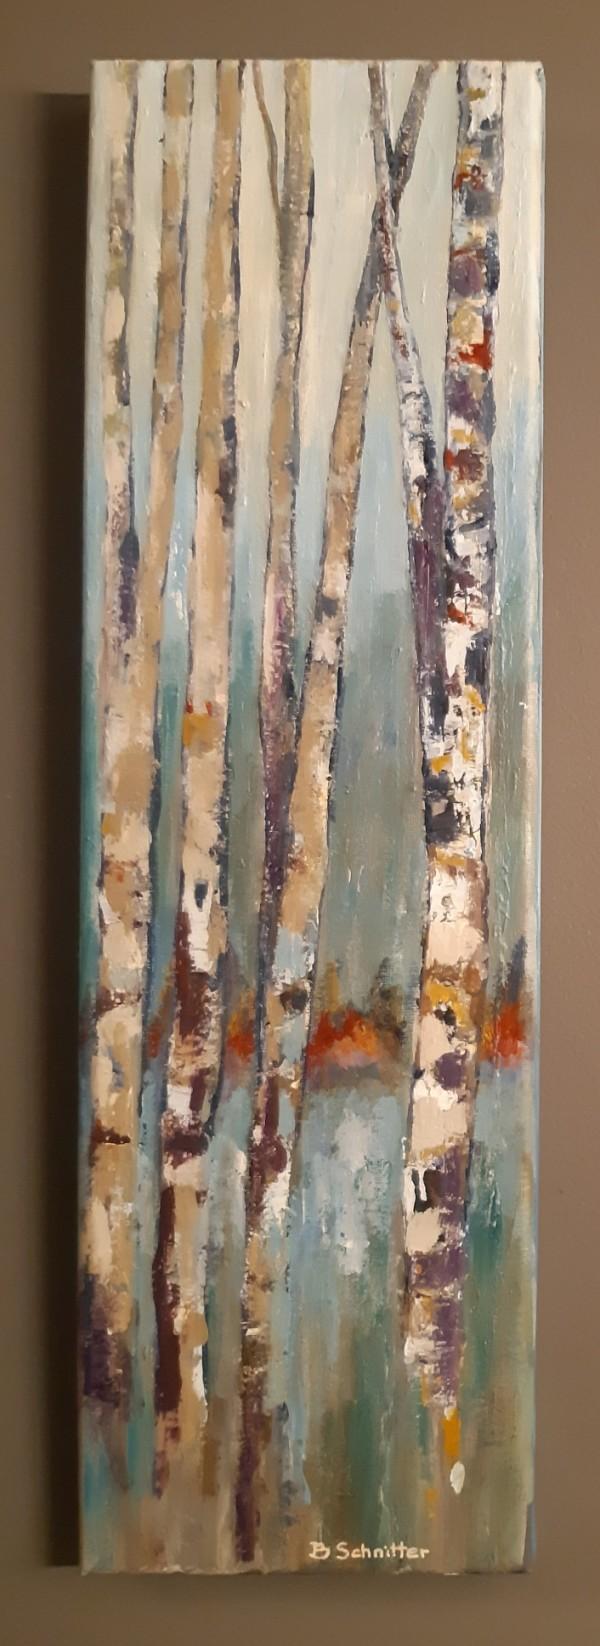 Birch by Bonnie Schnitter